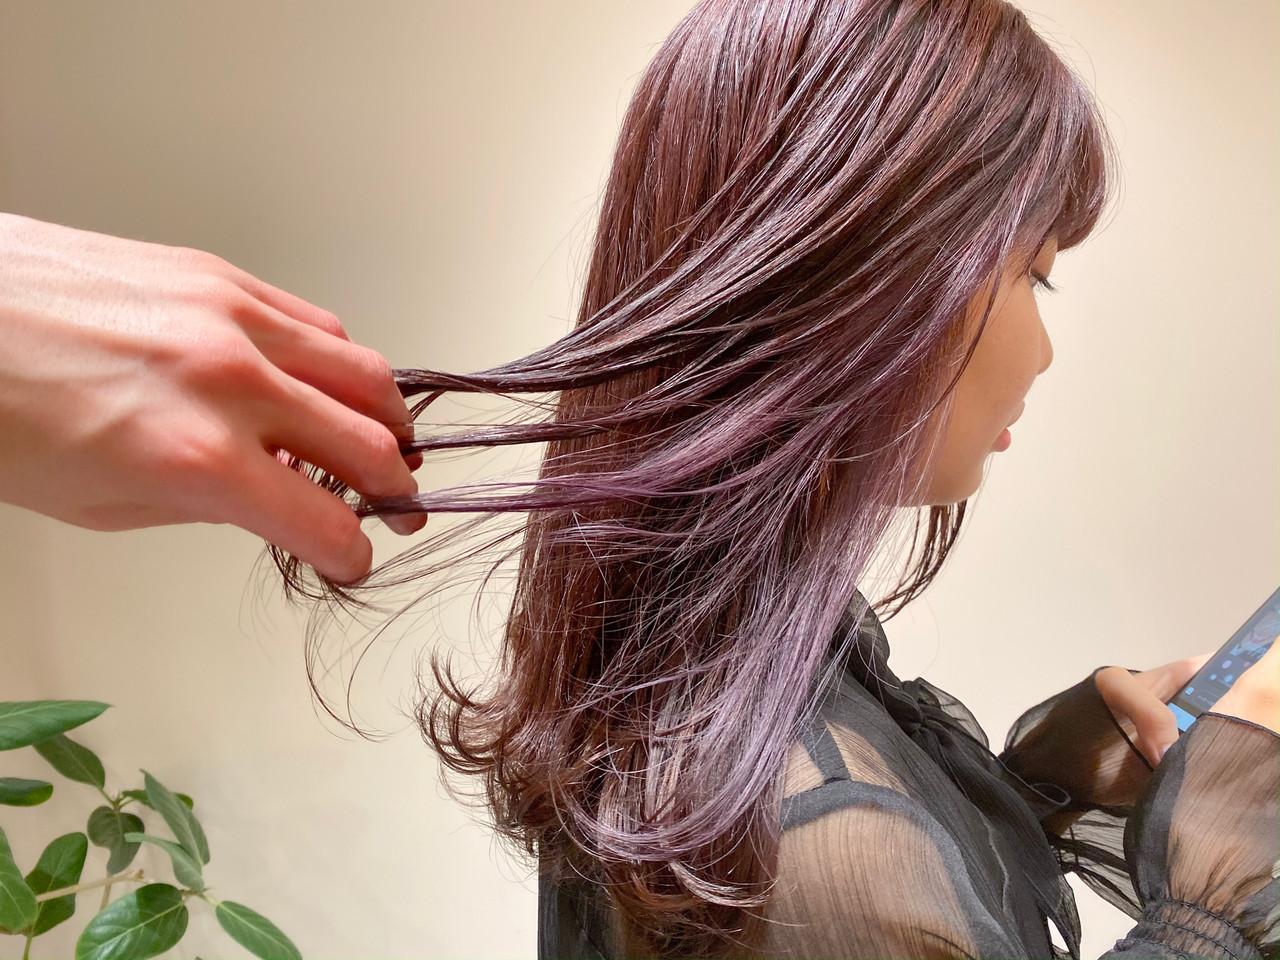 セミロング ラベンダーピンク ピンク ピンクブラウン ヘアスタイルや髪型の写真・画像 | 村西 郁人 / rue